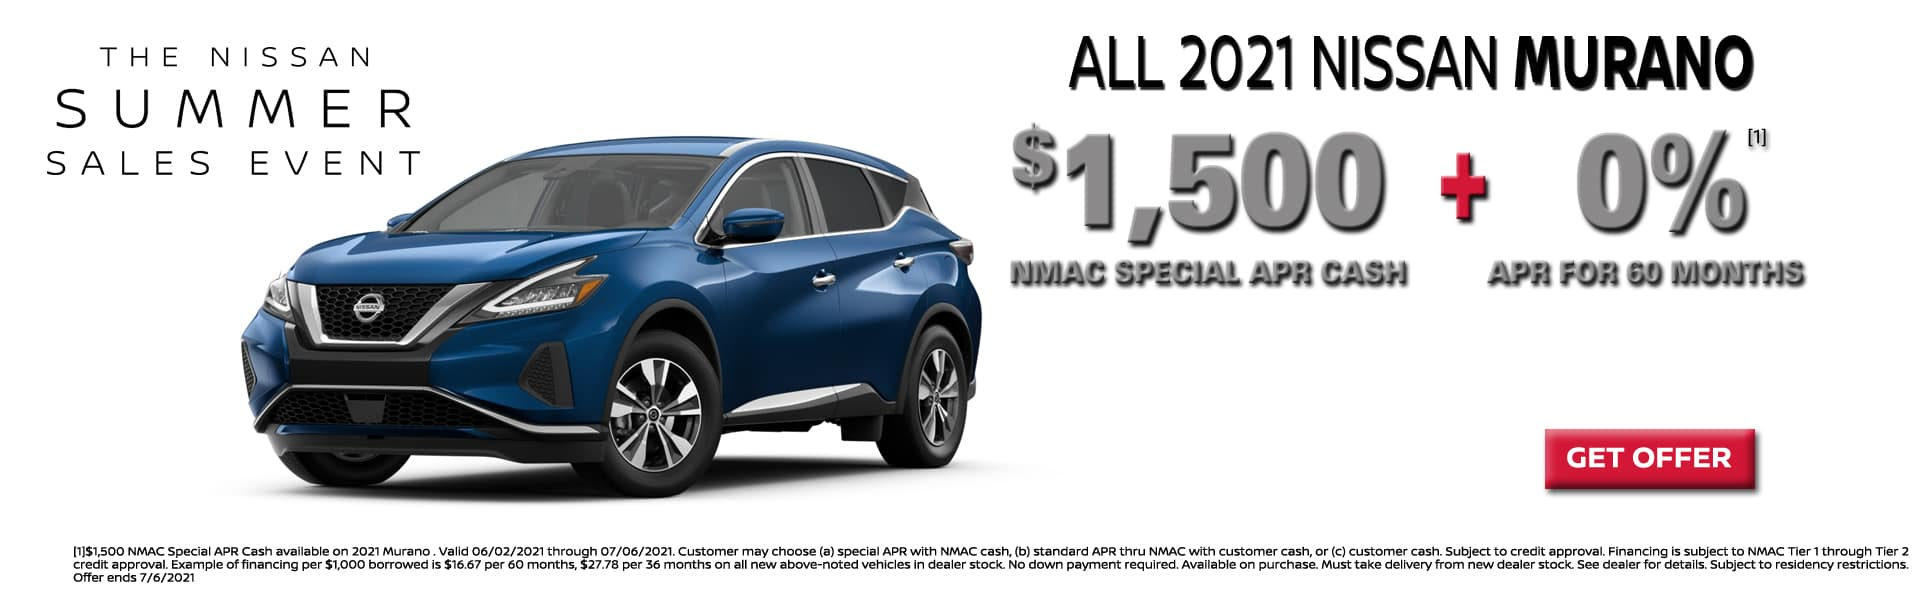 2021-Nissan_Murano_June21